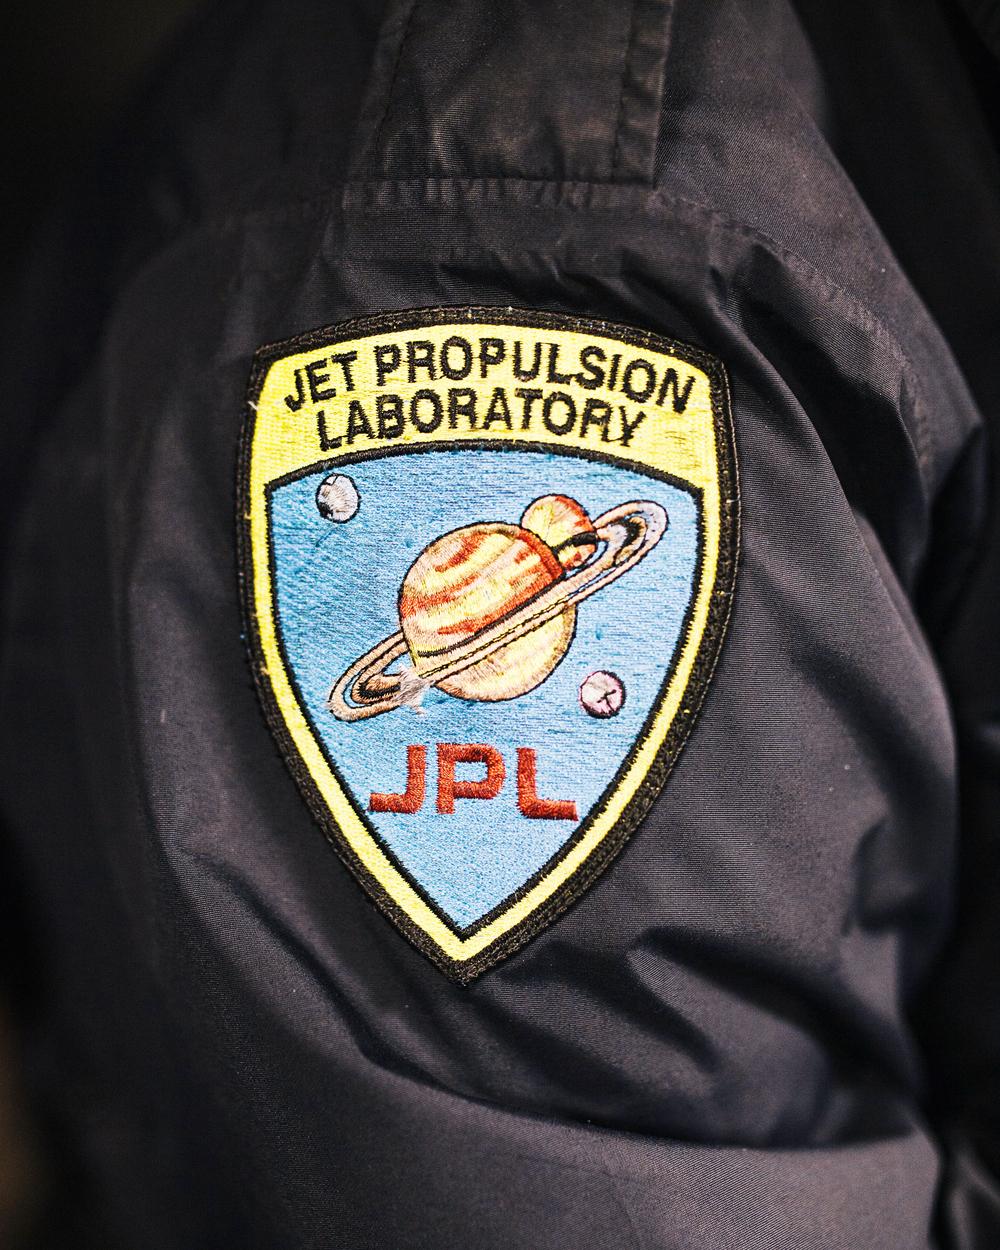 NRab_Voyager_009.JPG